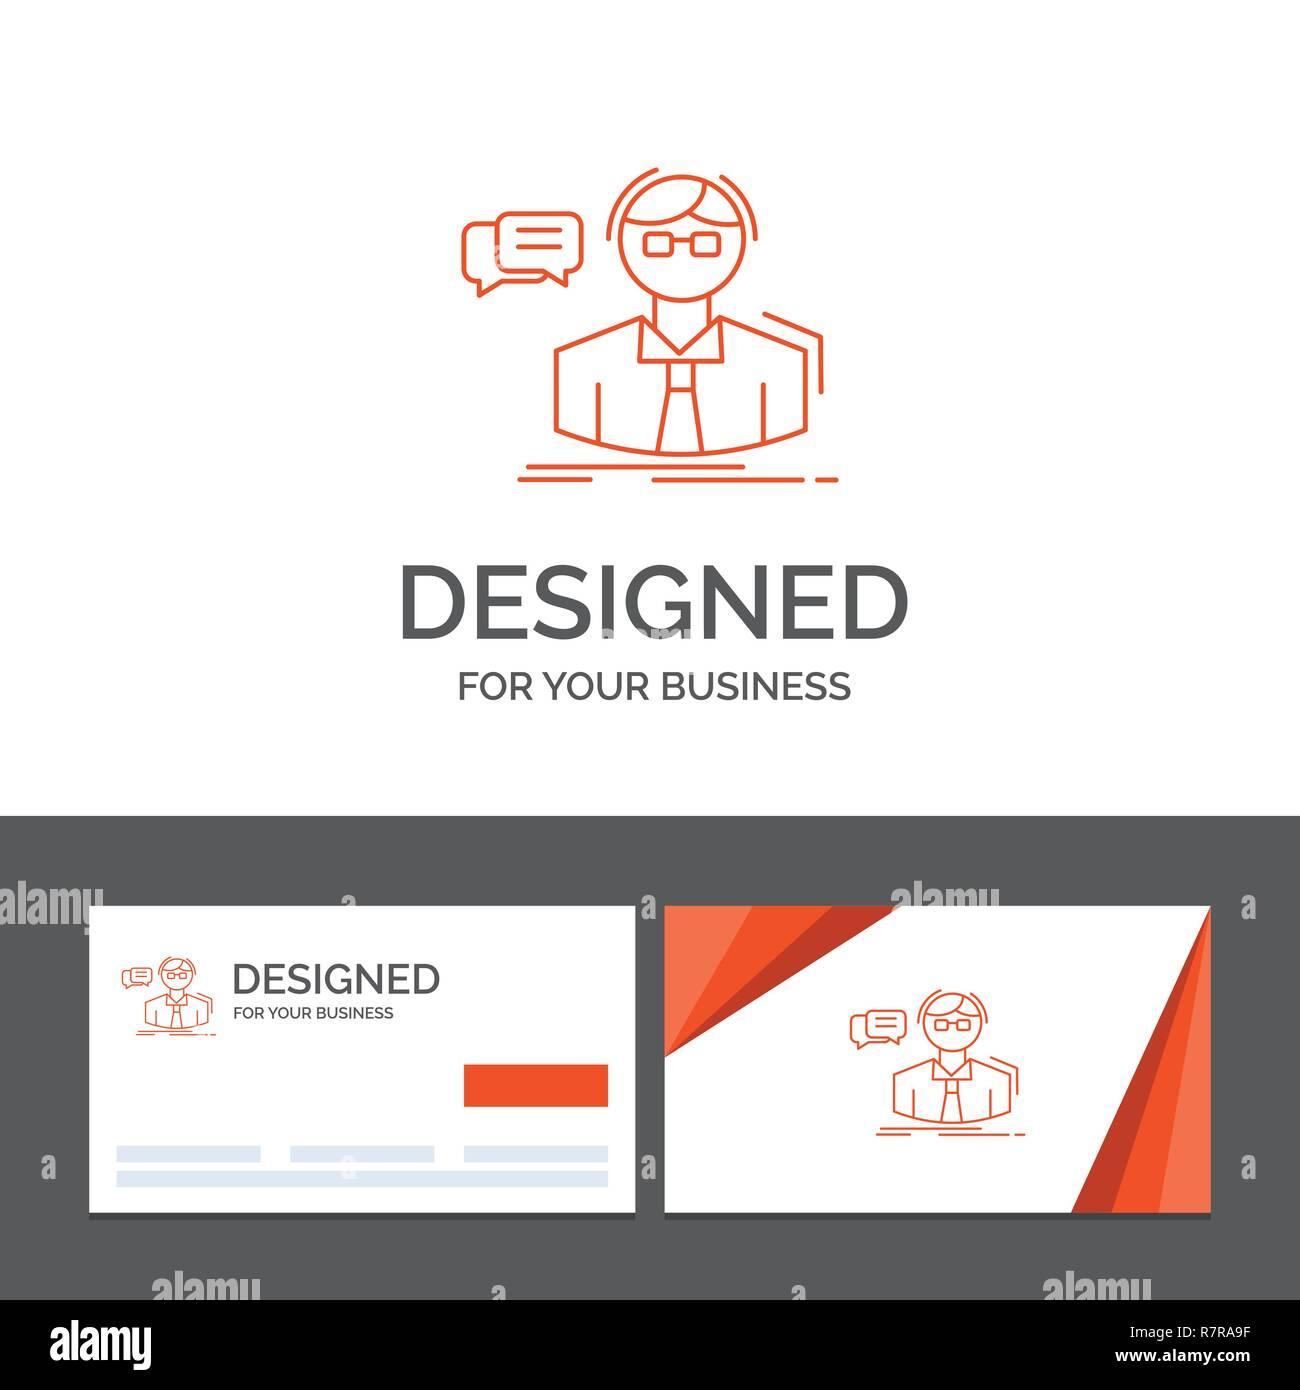 Logo Dentreprise Modele Pour Le Professeur Etudiant Chercheur Enseignant Ecole Cartes De Visite Orange Avec Marque Template